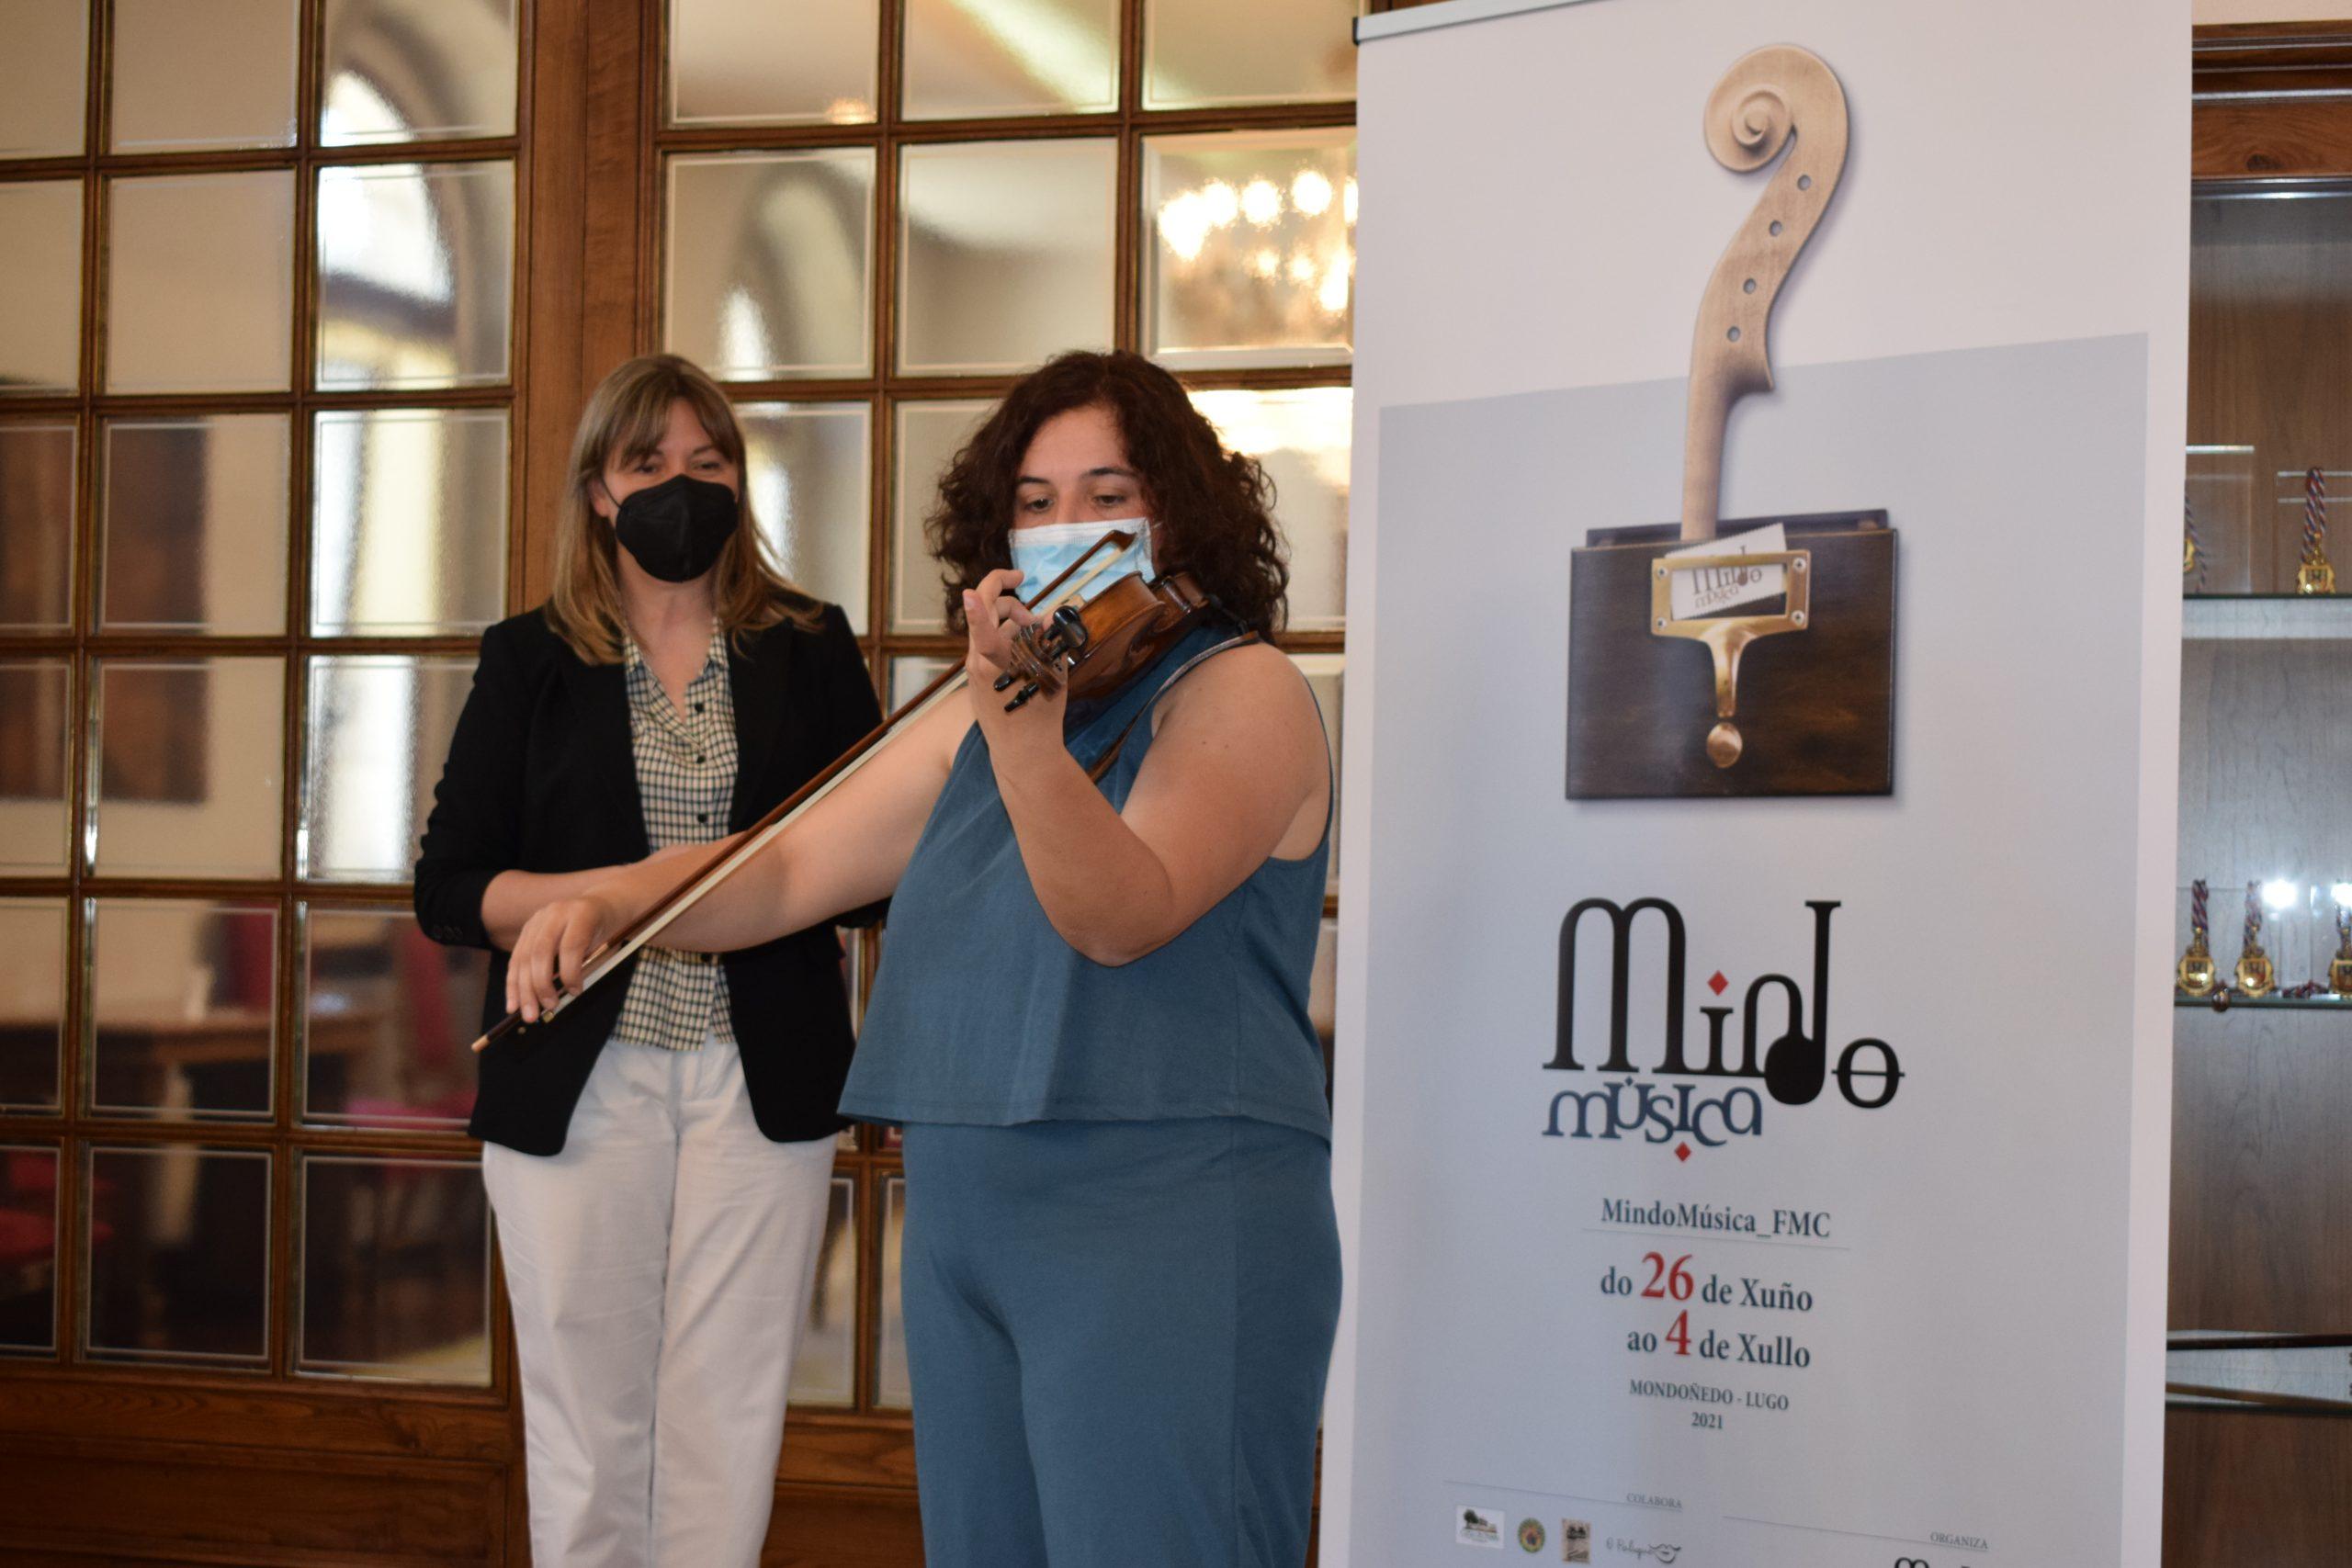 Chega a terceira edición do festival Mindomúsica de Mondoñedo